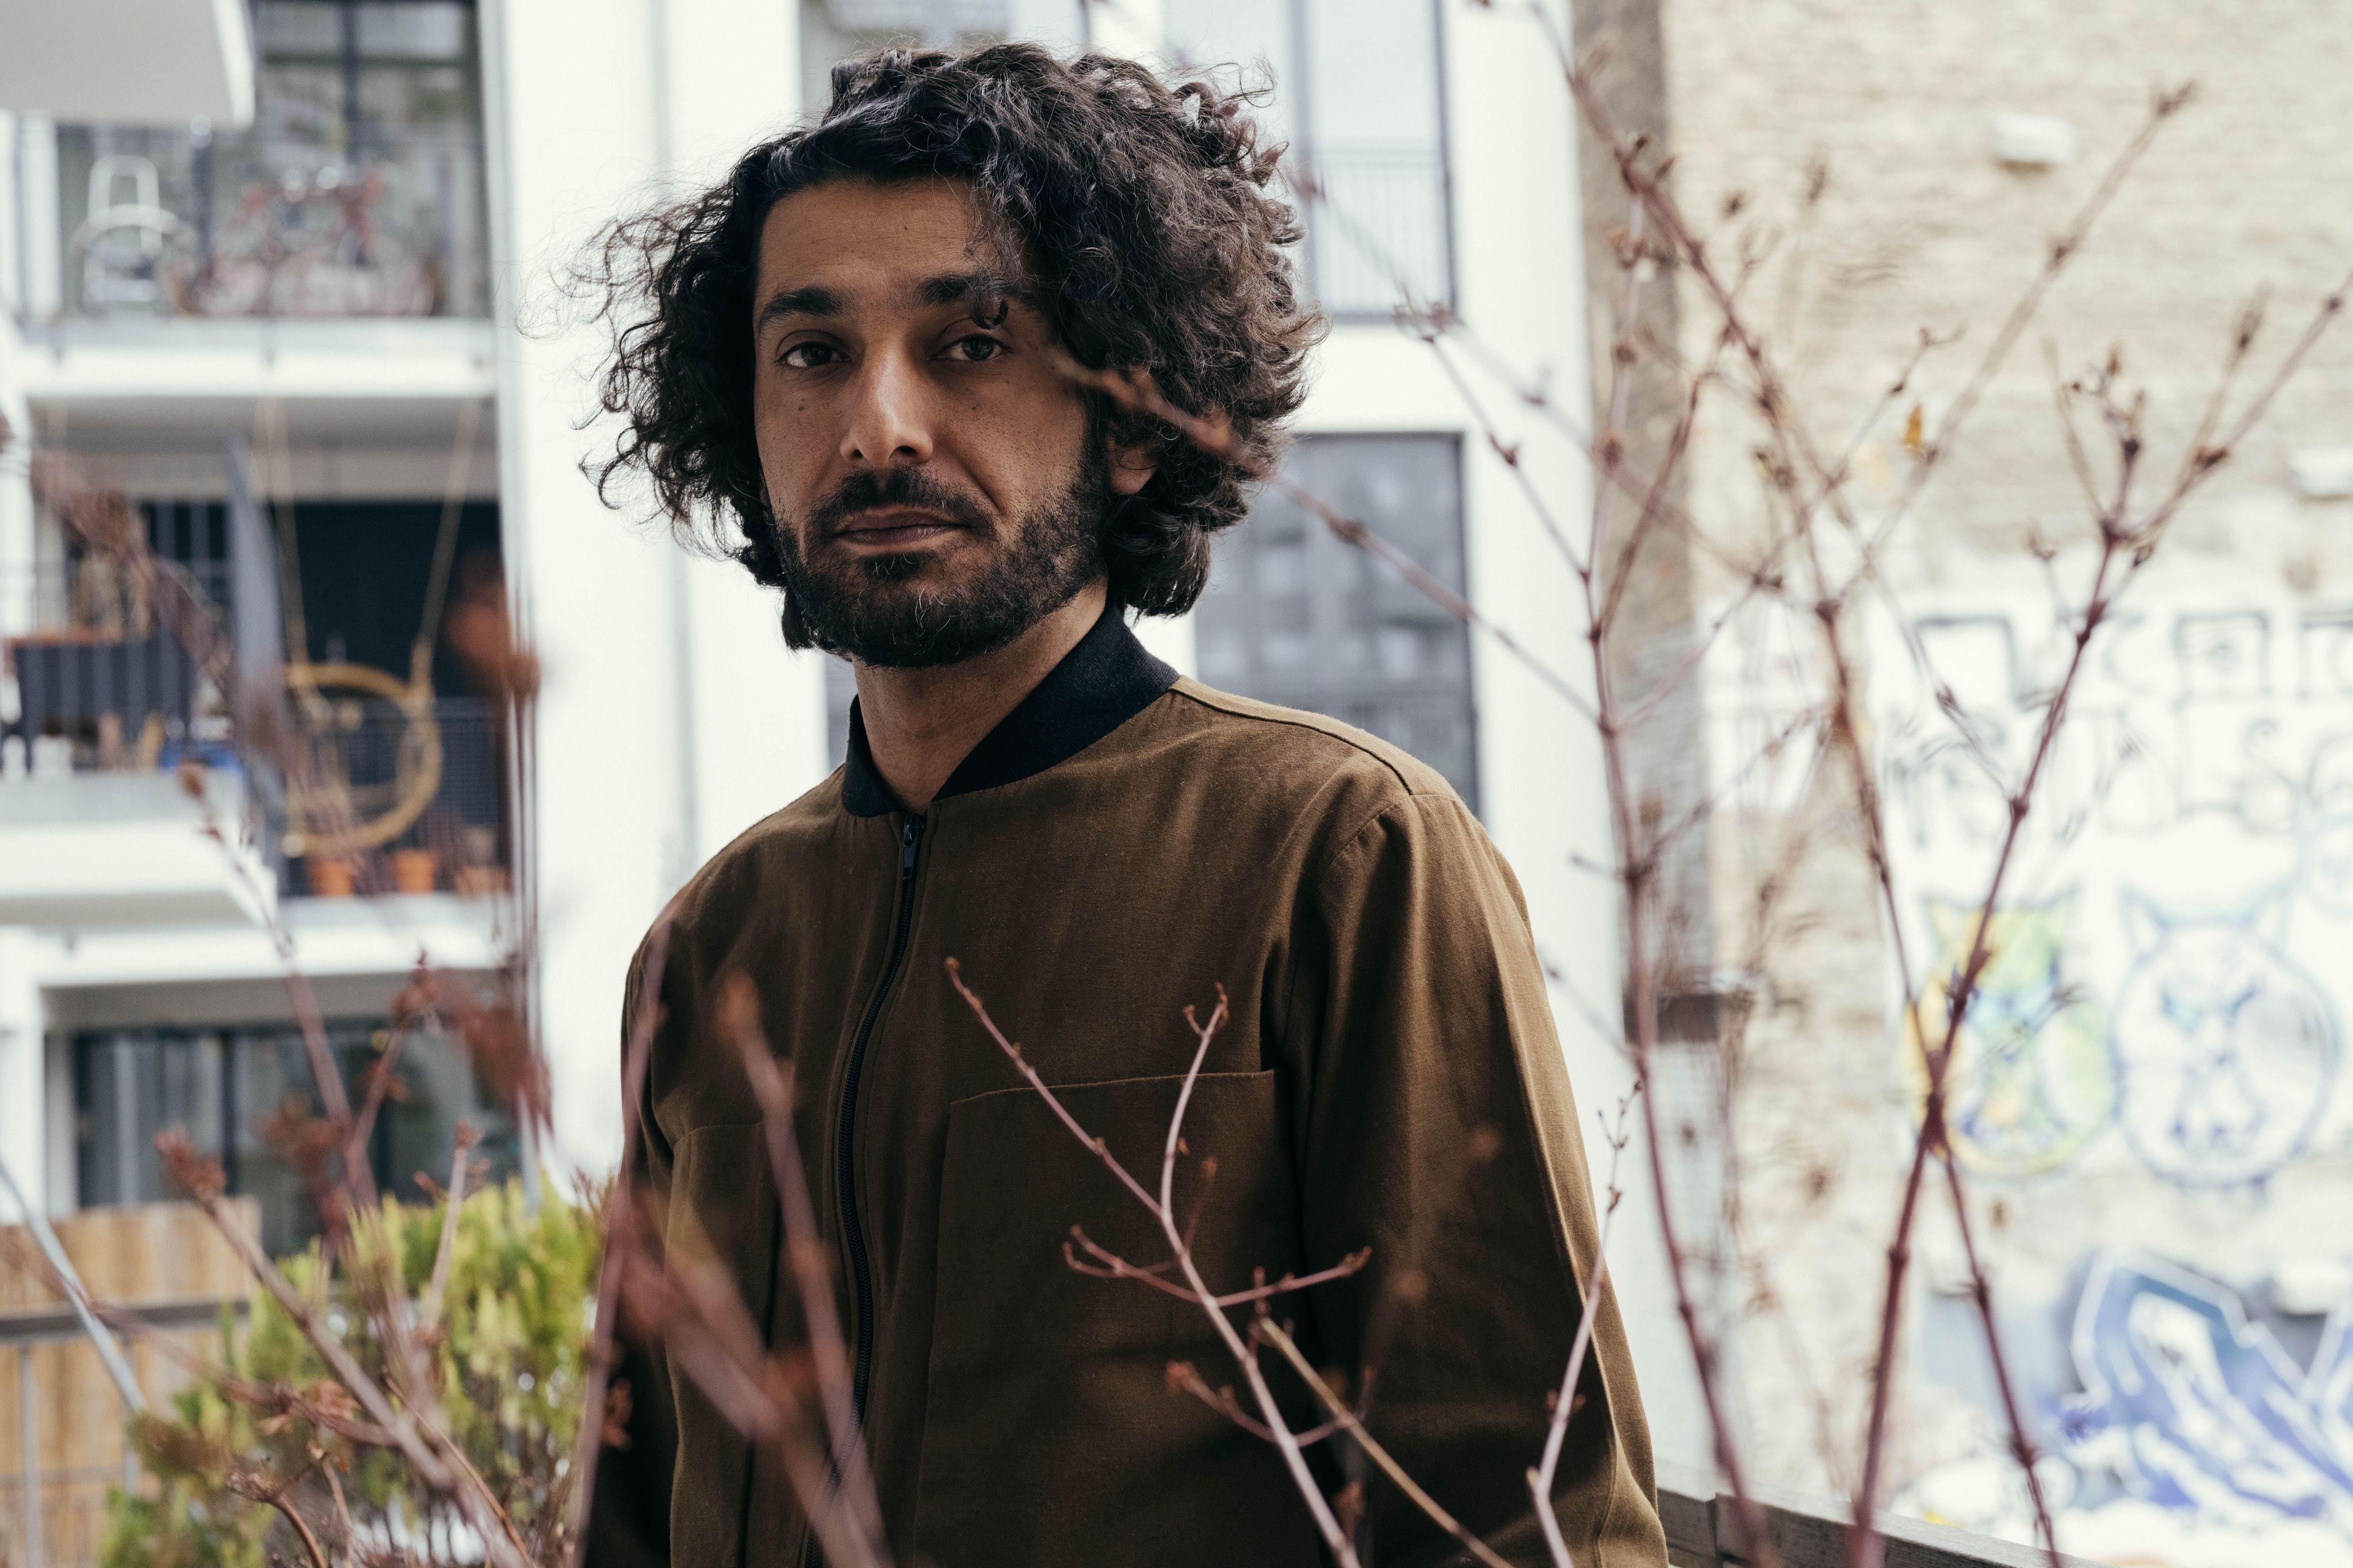 Photo of Khyam Allami